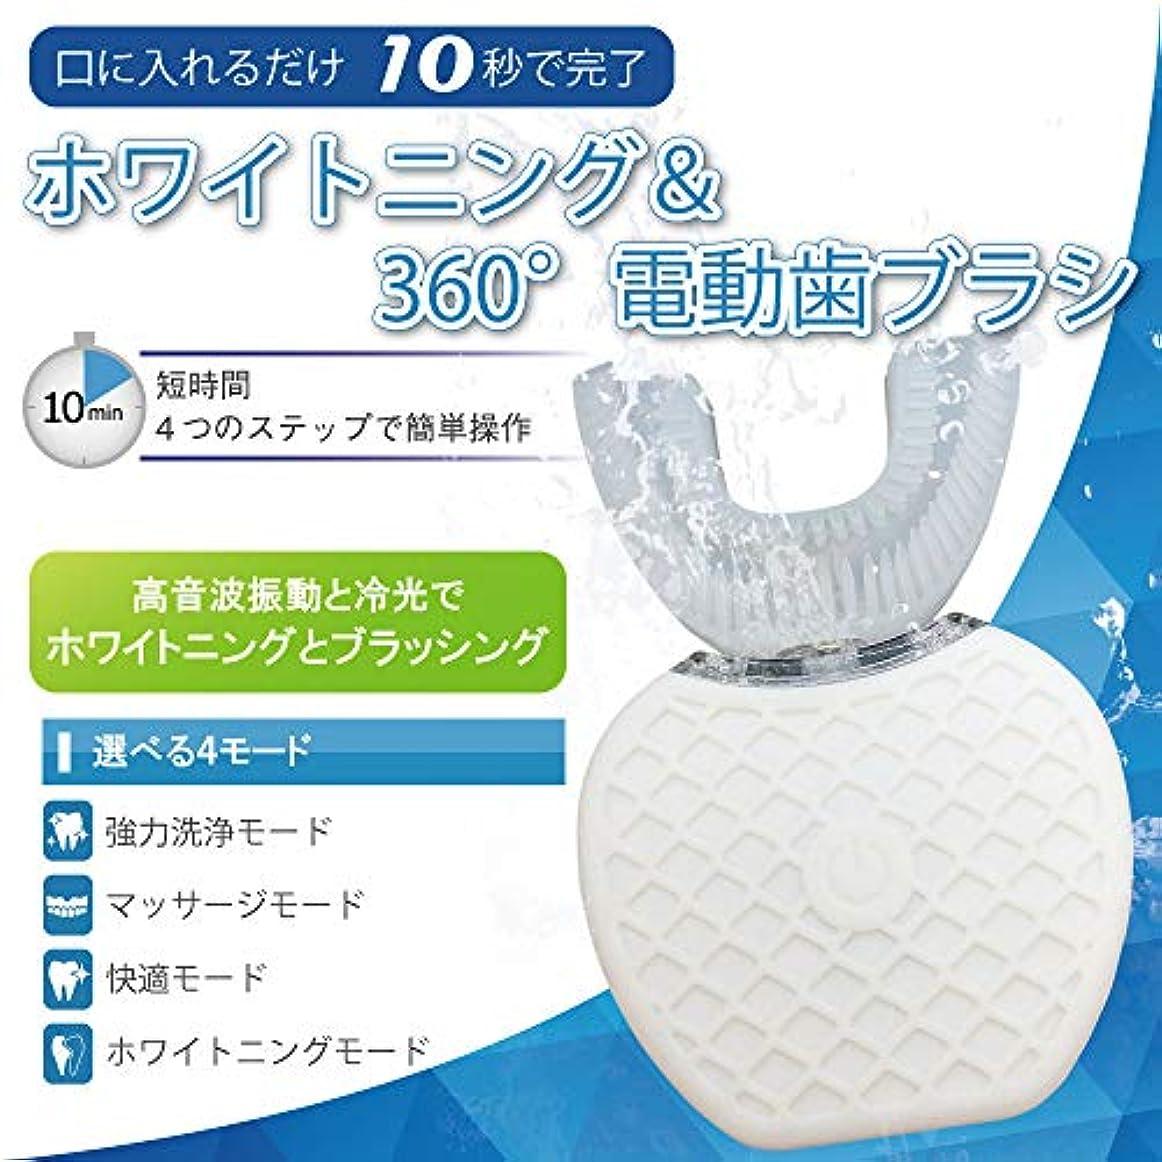 ナラーバー放射能キャラクター口に咥えるだけで歯全体を自動でブラッシング! マウスクリン